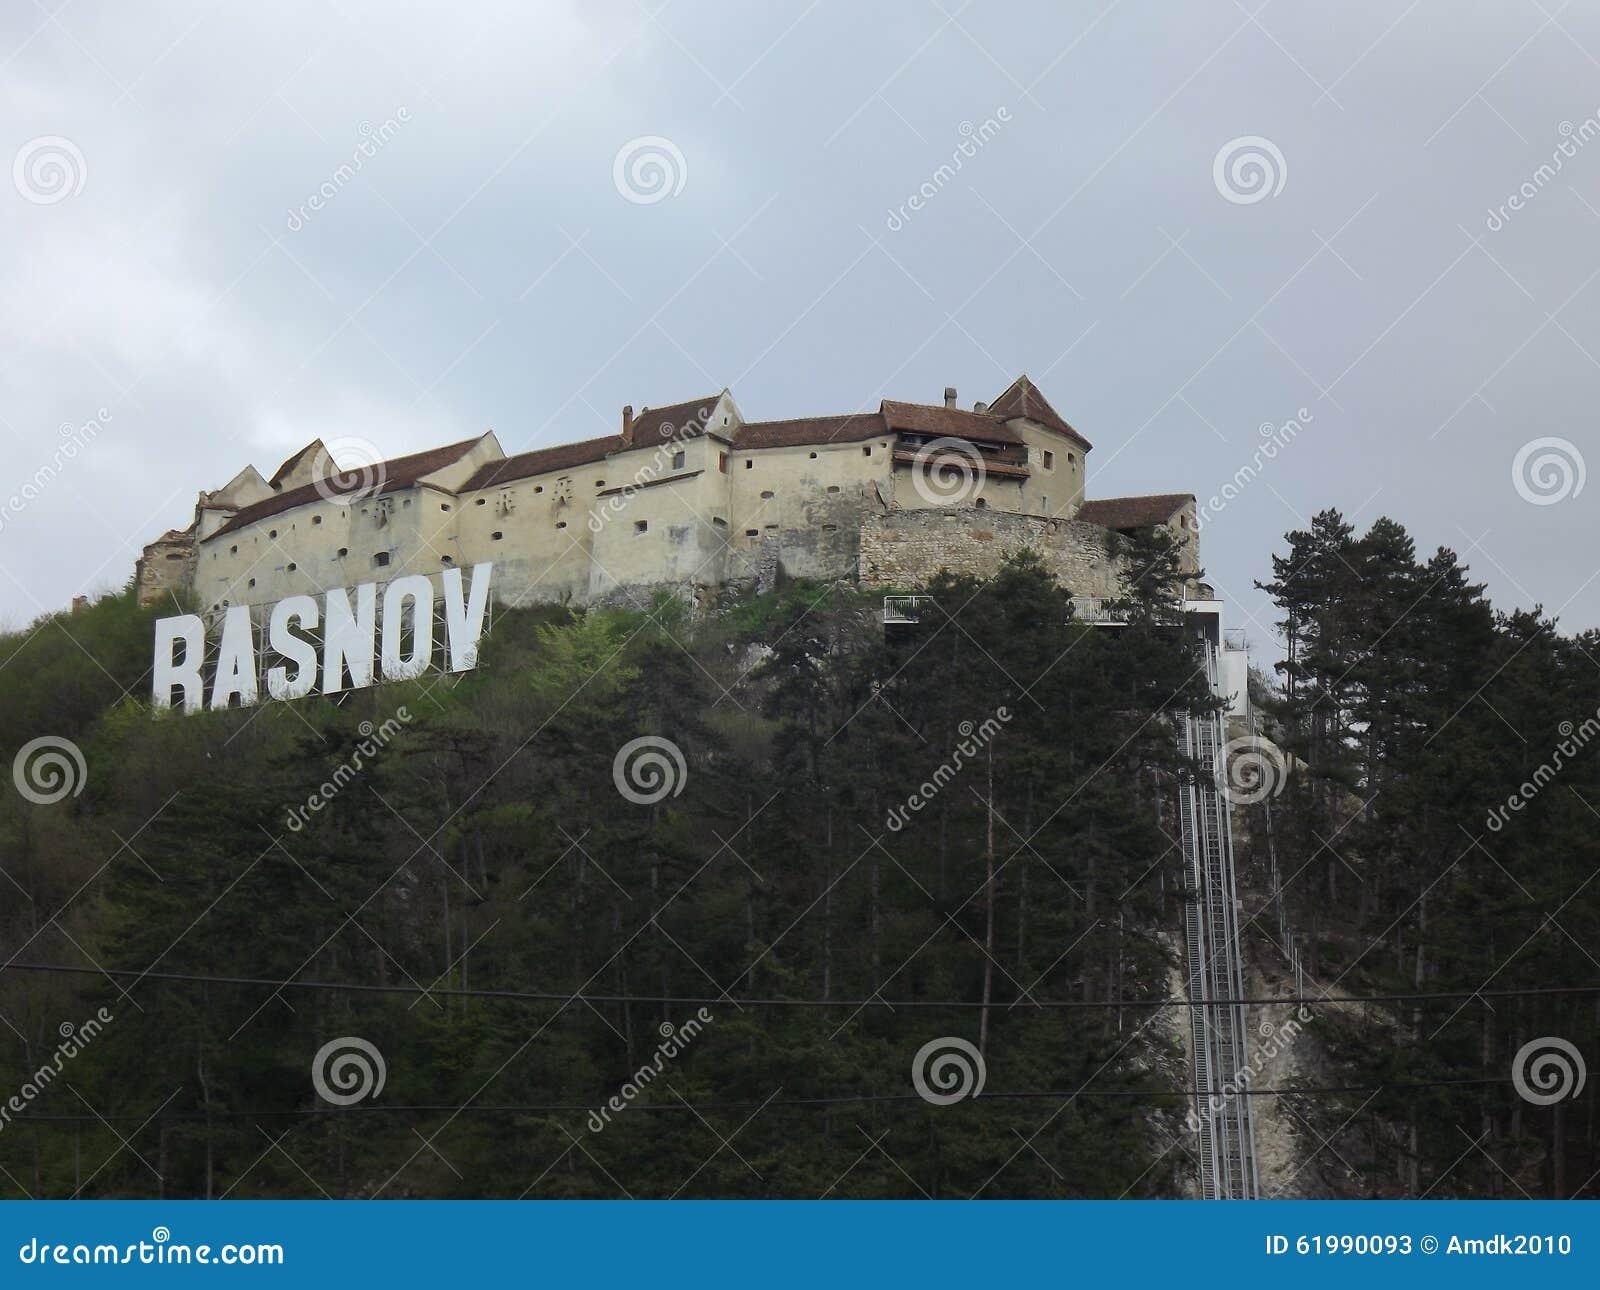 Monastery Rasnov form the city